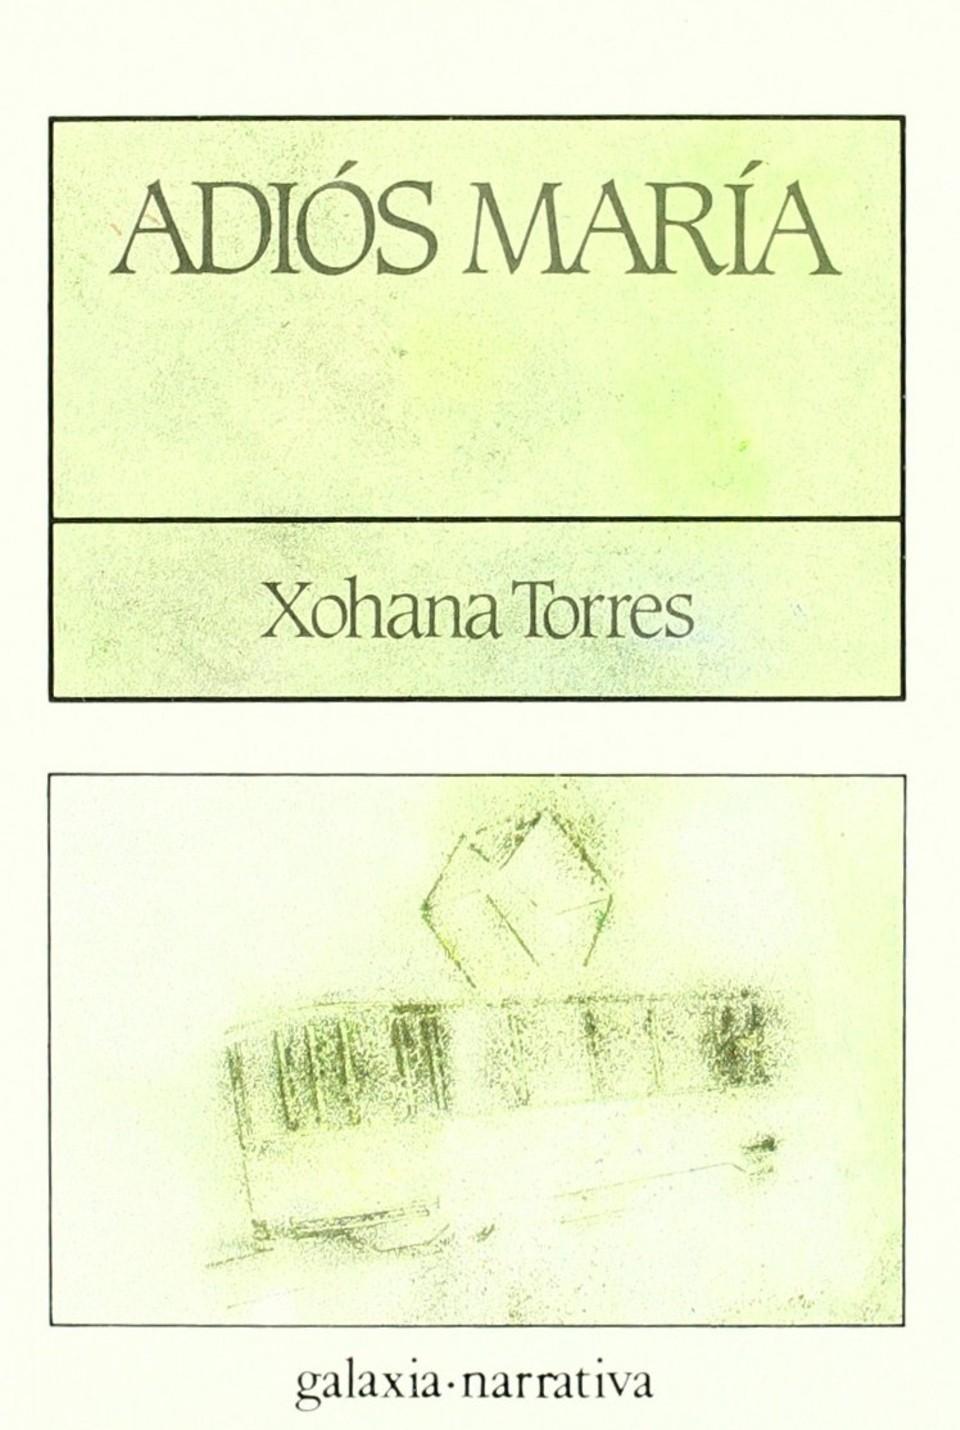 Escritoras galegas: Adios María, Xohana Torres